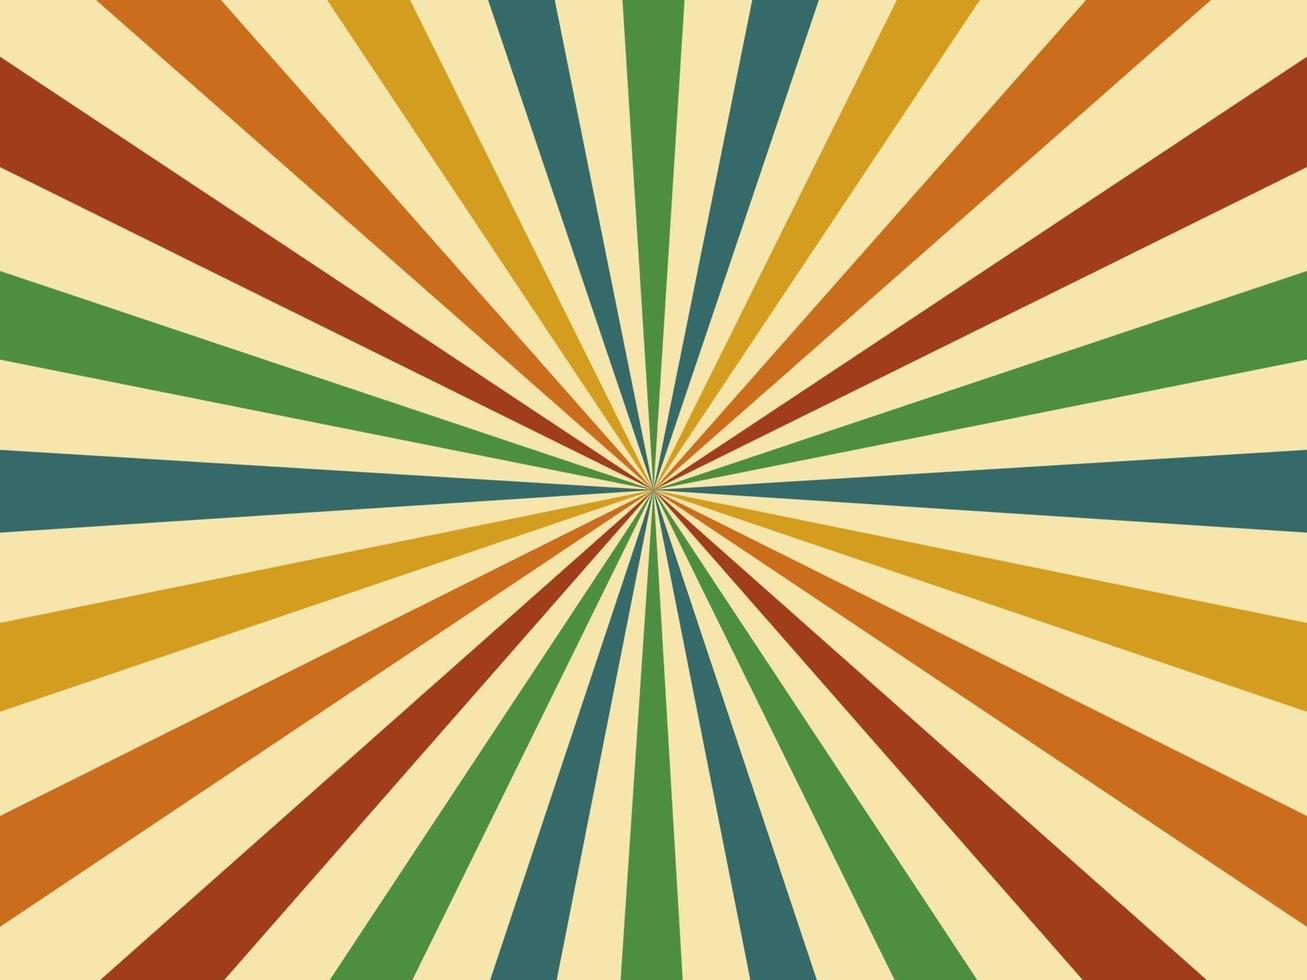 abstrakt. 60-tal färgrik retrostil geometrisk tappningbakgrund. vektor. illustration. vektor